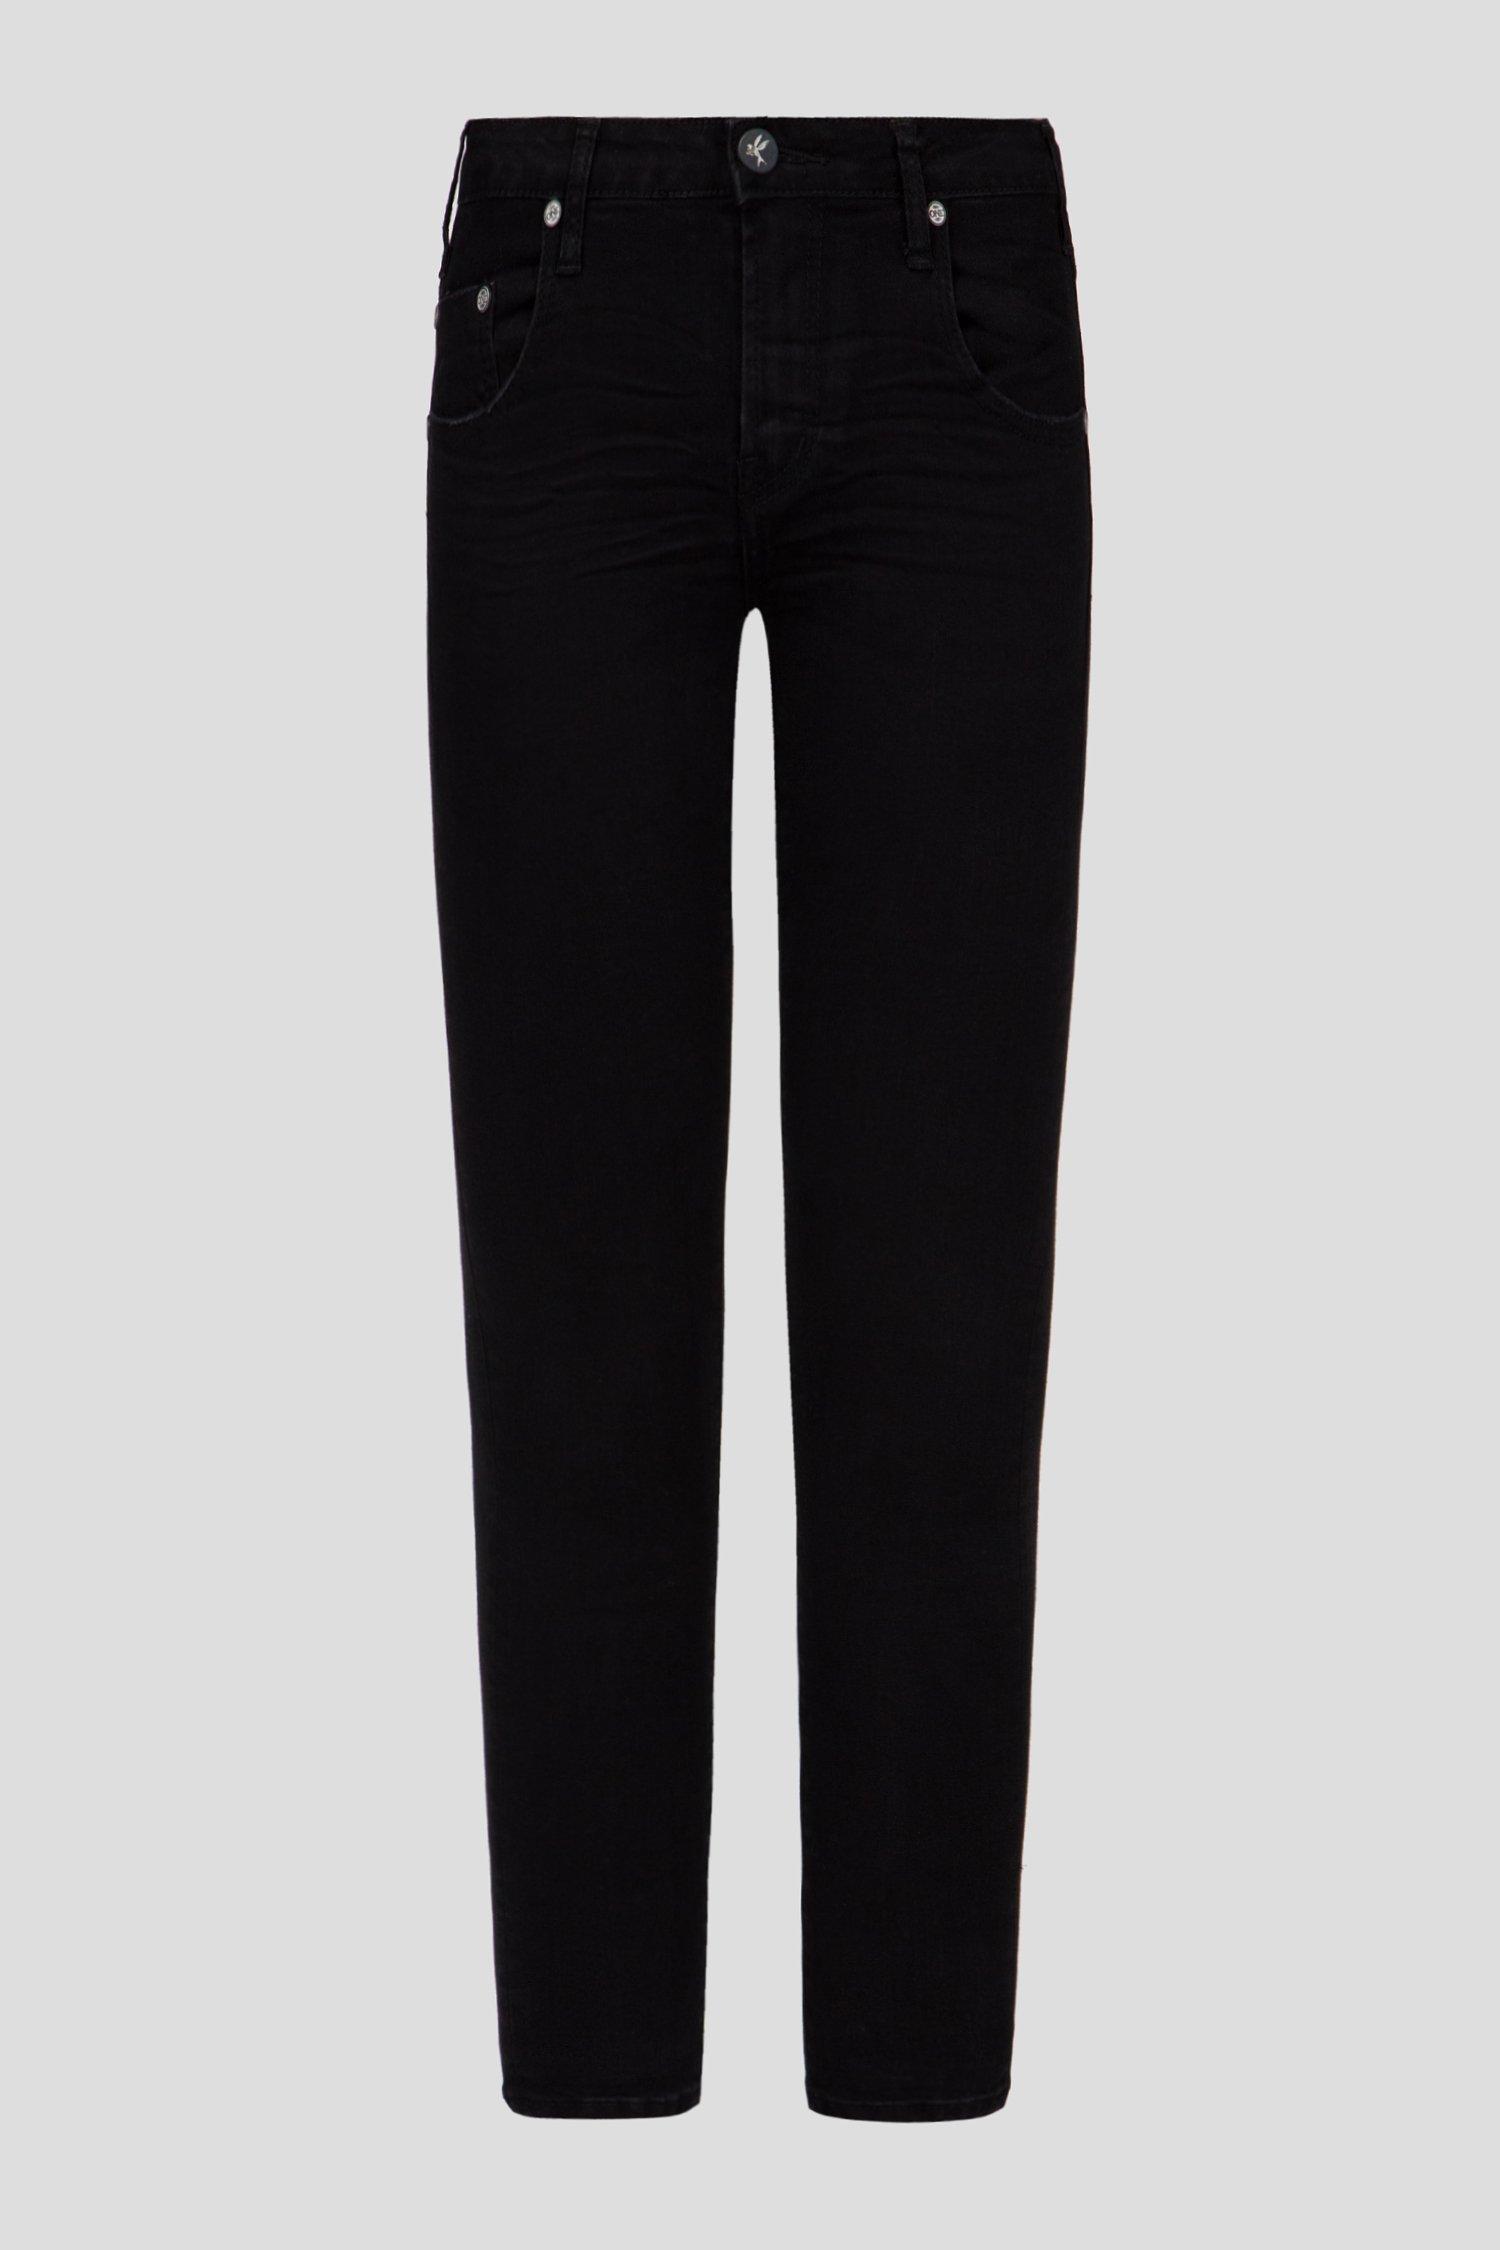 Купить Женские черные джинсы BLACK PUNK FREEBIRDS One Teaspoon One Teaspoon 20959-ONE – Киев, Украина. Цены в интернет магазине MD Fashion